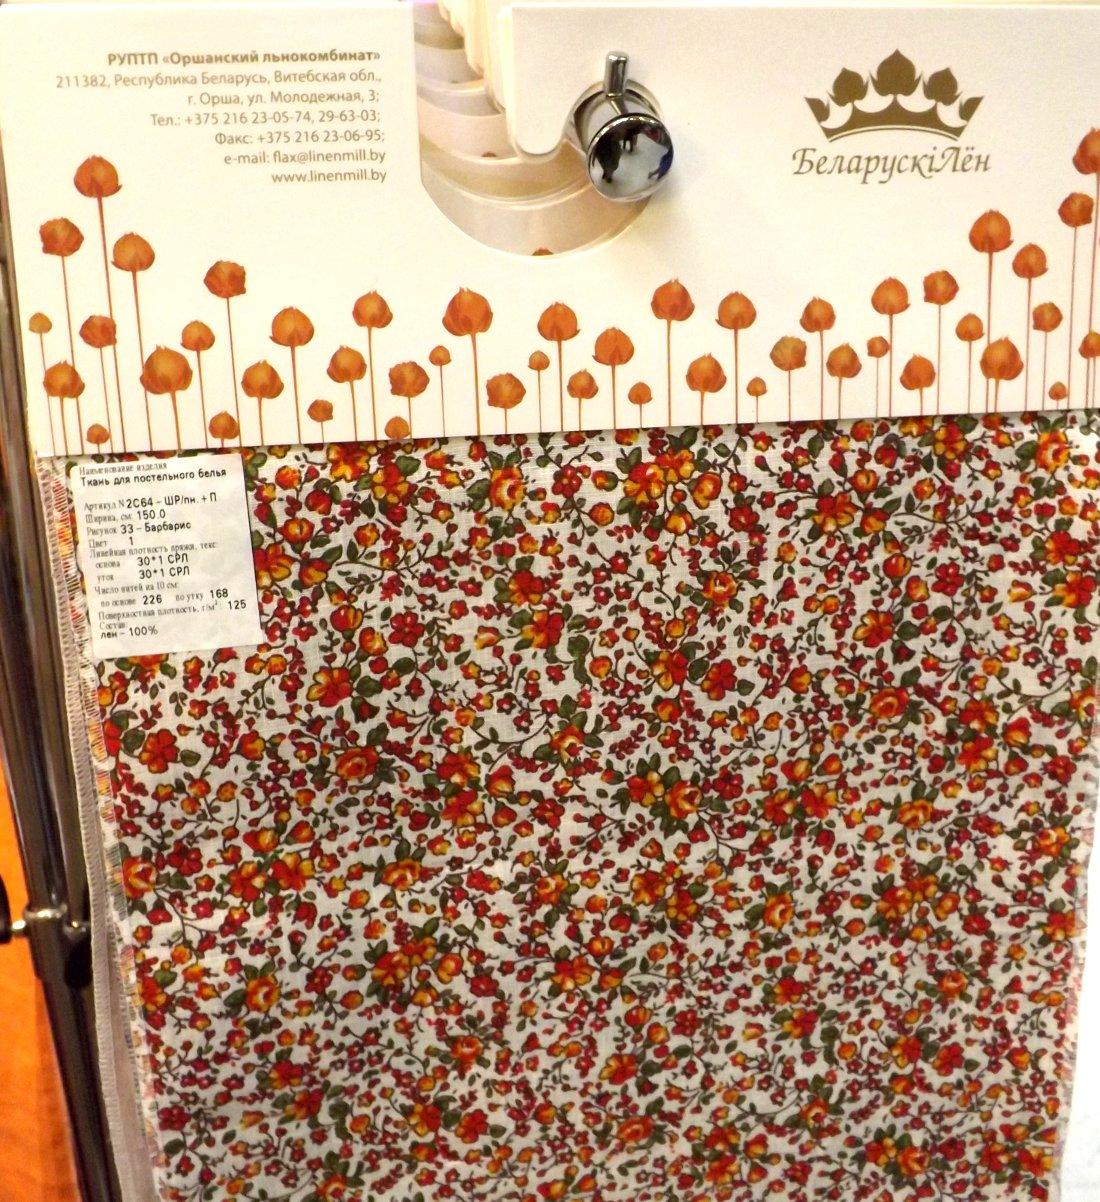 Образцы тканей Оршанского льнокомбината на экспозиции бренда Белорусский лён во время весенней выставки HouseHoldExpo 2015. Вид В